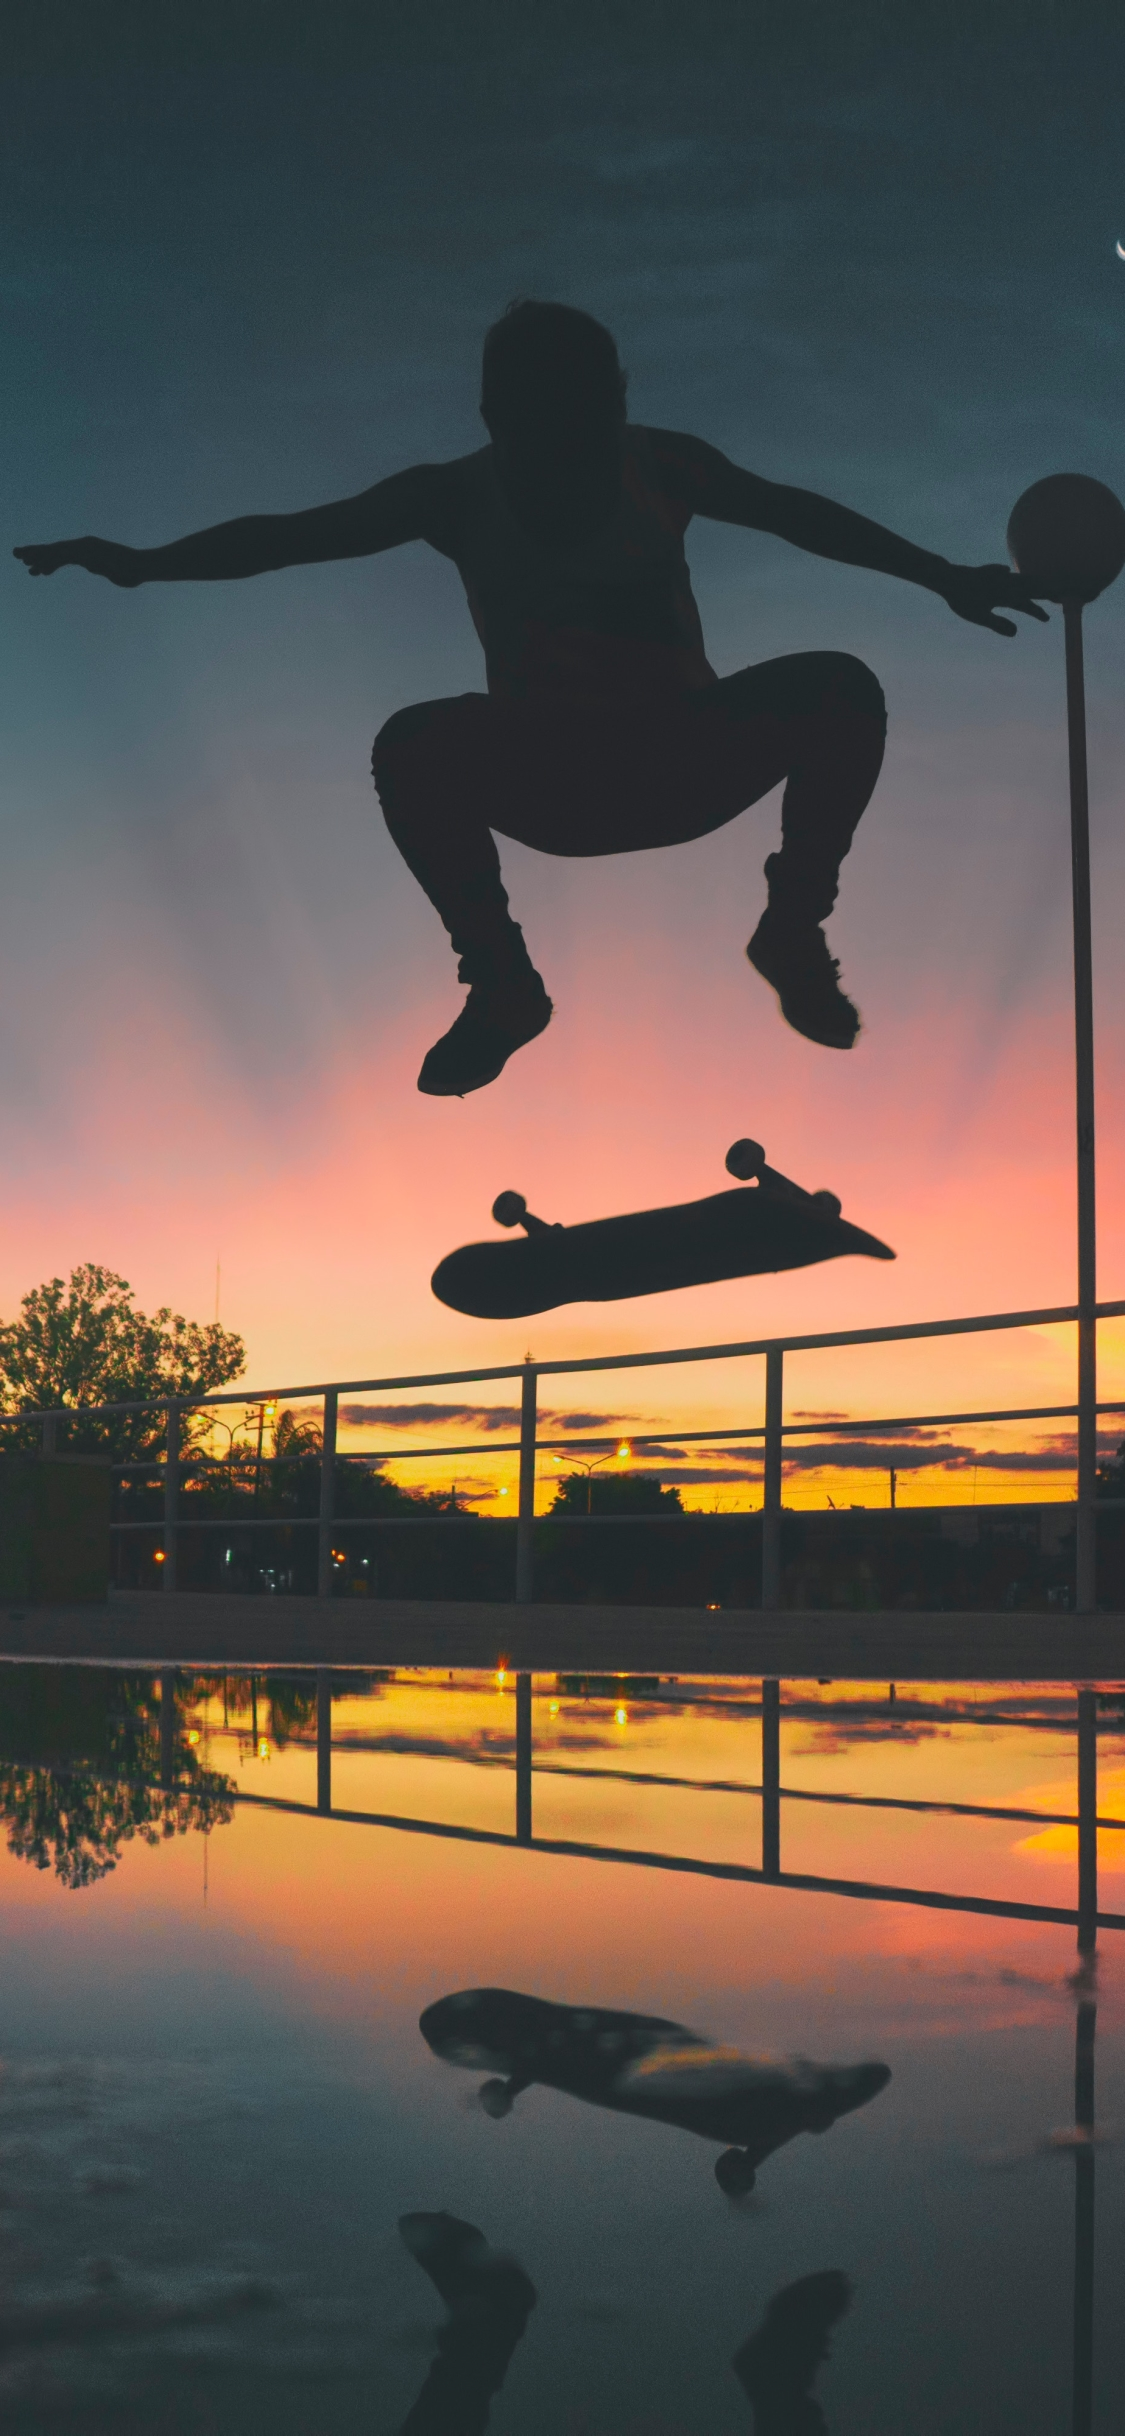 Evening Skateboarding mobile wallpaper